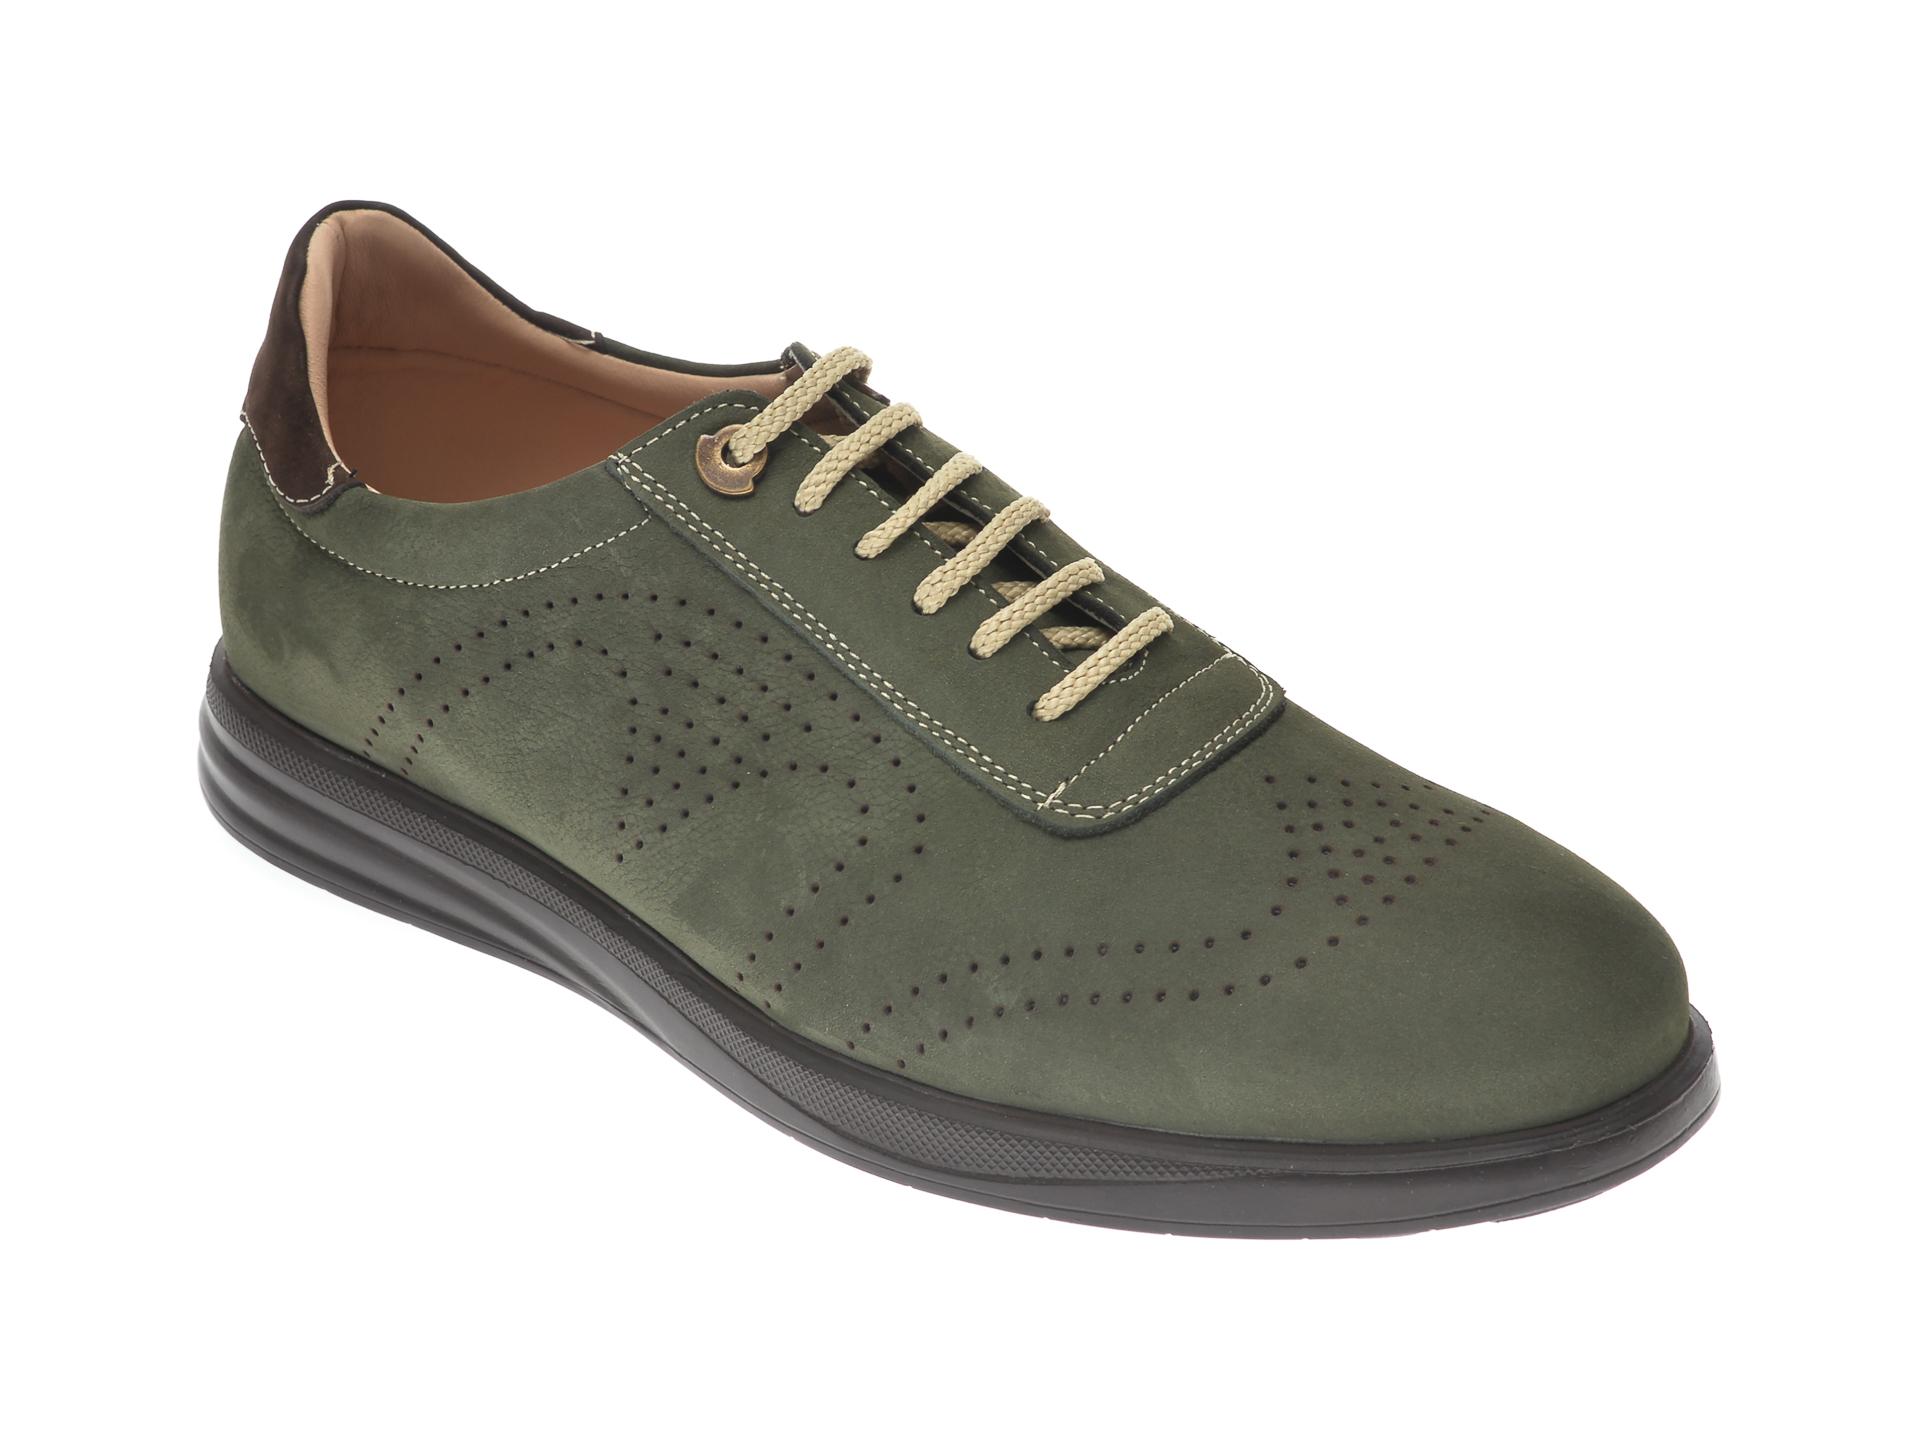 Pantofi OTTER verzi, E881, din nabuc New